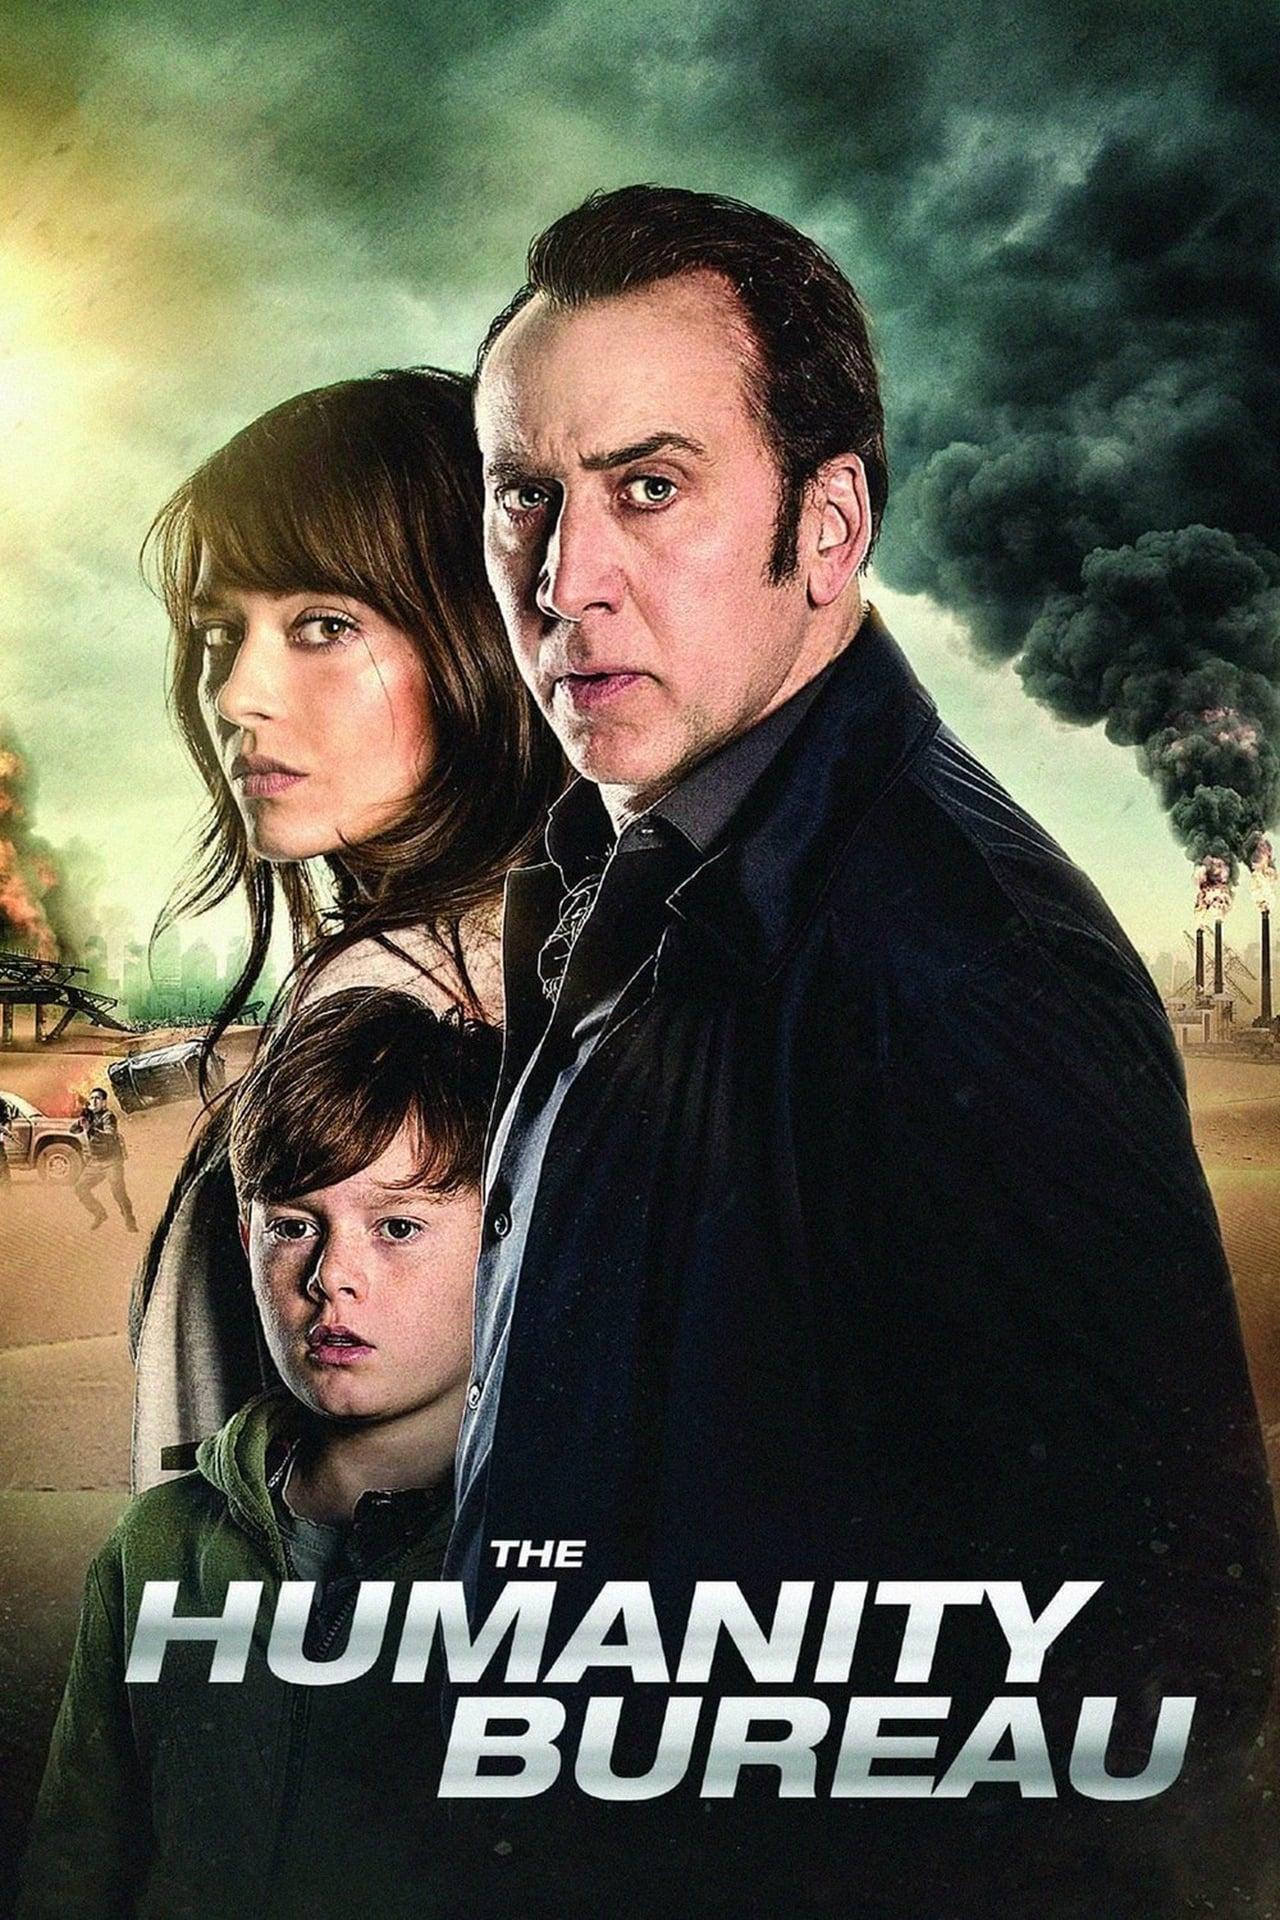 The Humanity Bureau (El agente)